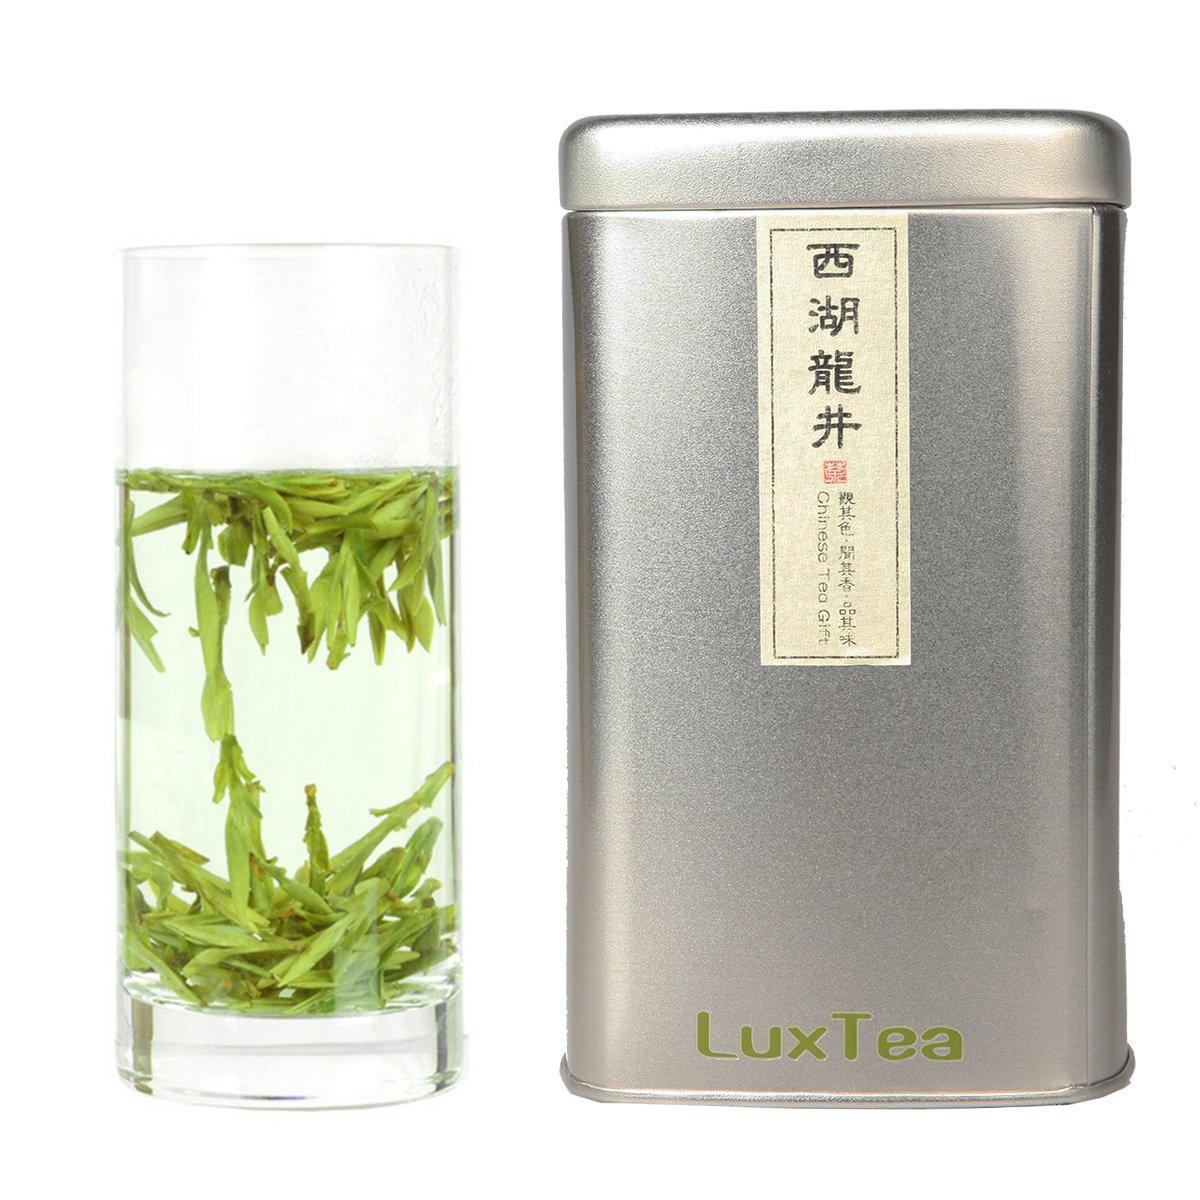 Luxtea Chinese Top10 Famous Tea - Xihu Long Jing/West Lake Dragon Well/Longjing - Grade AAA (Super Grade)